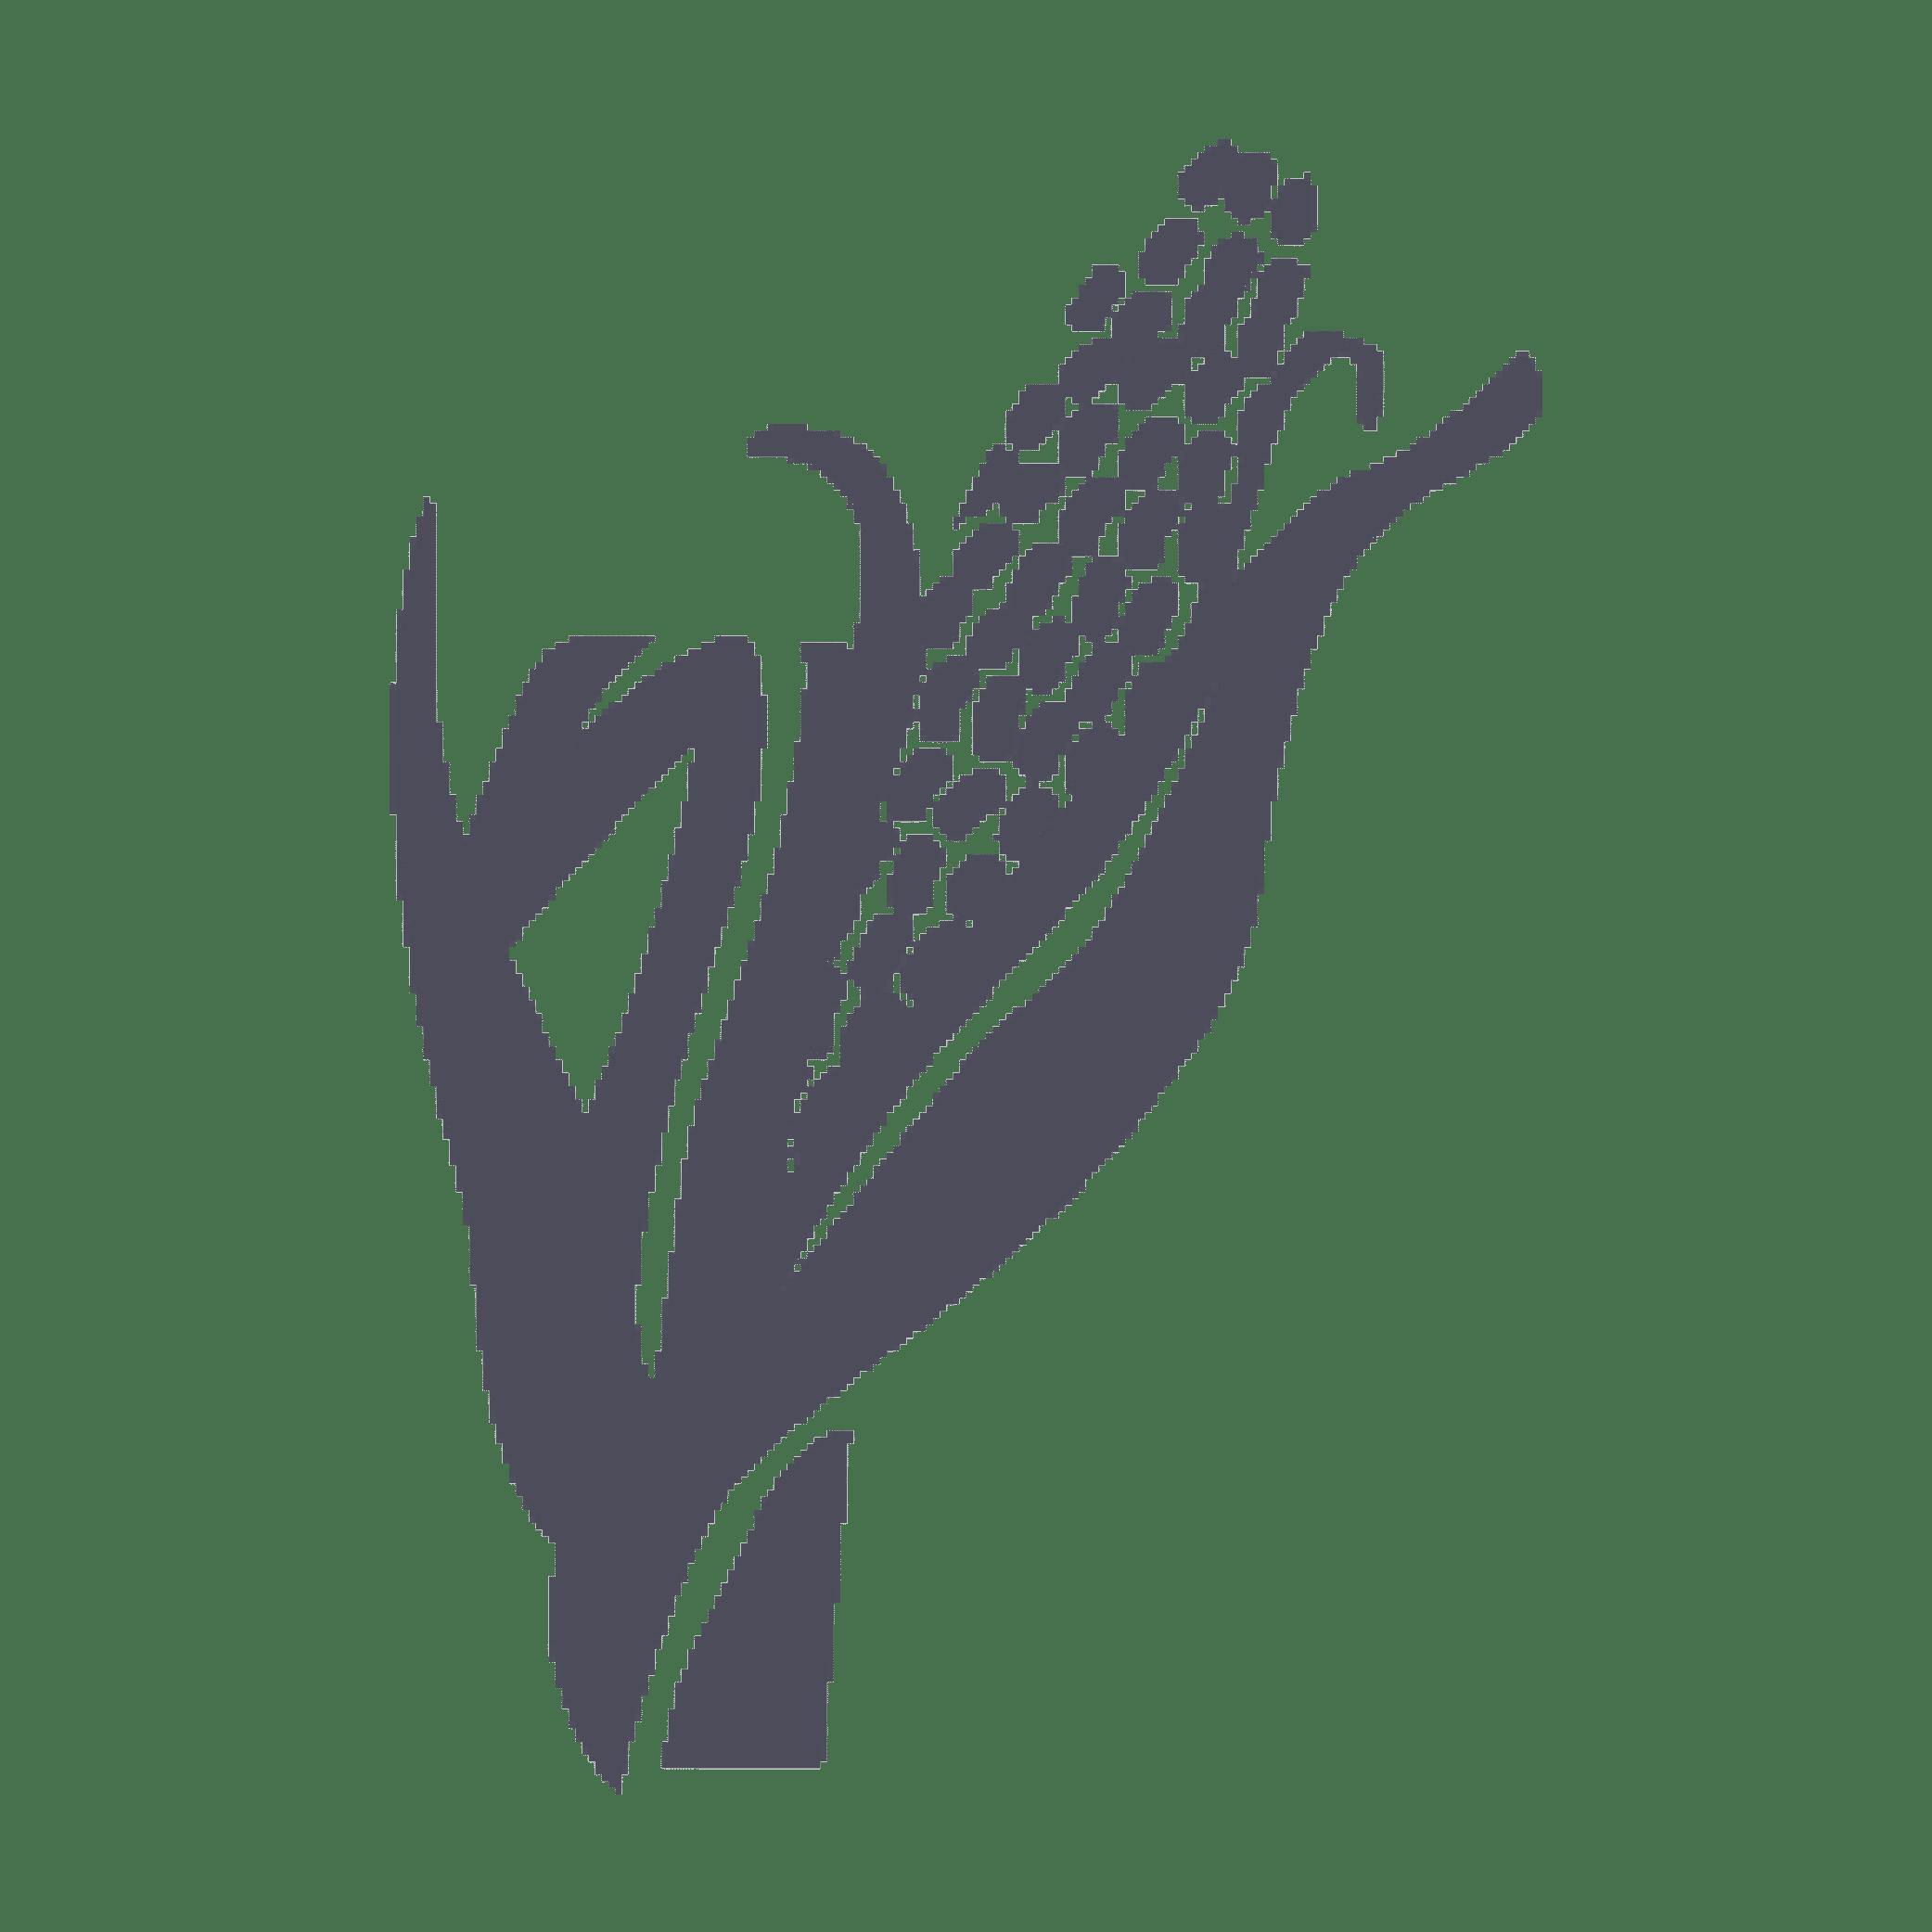 corn_non_GMO